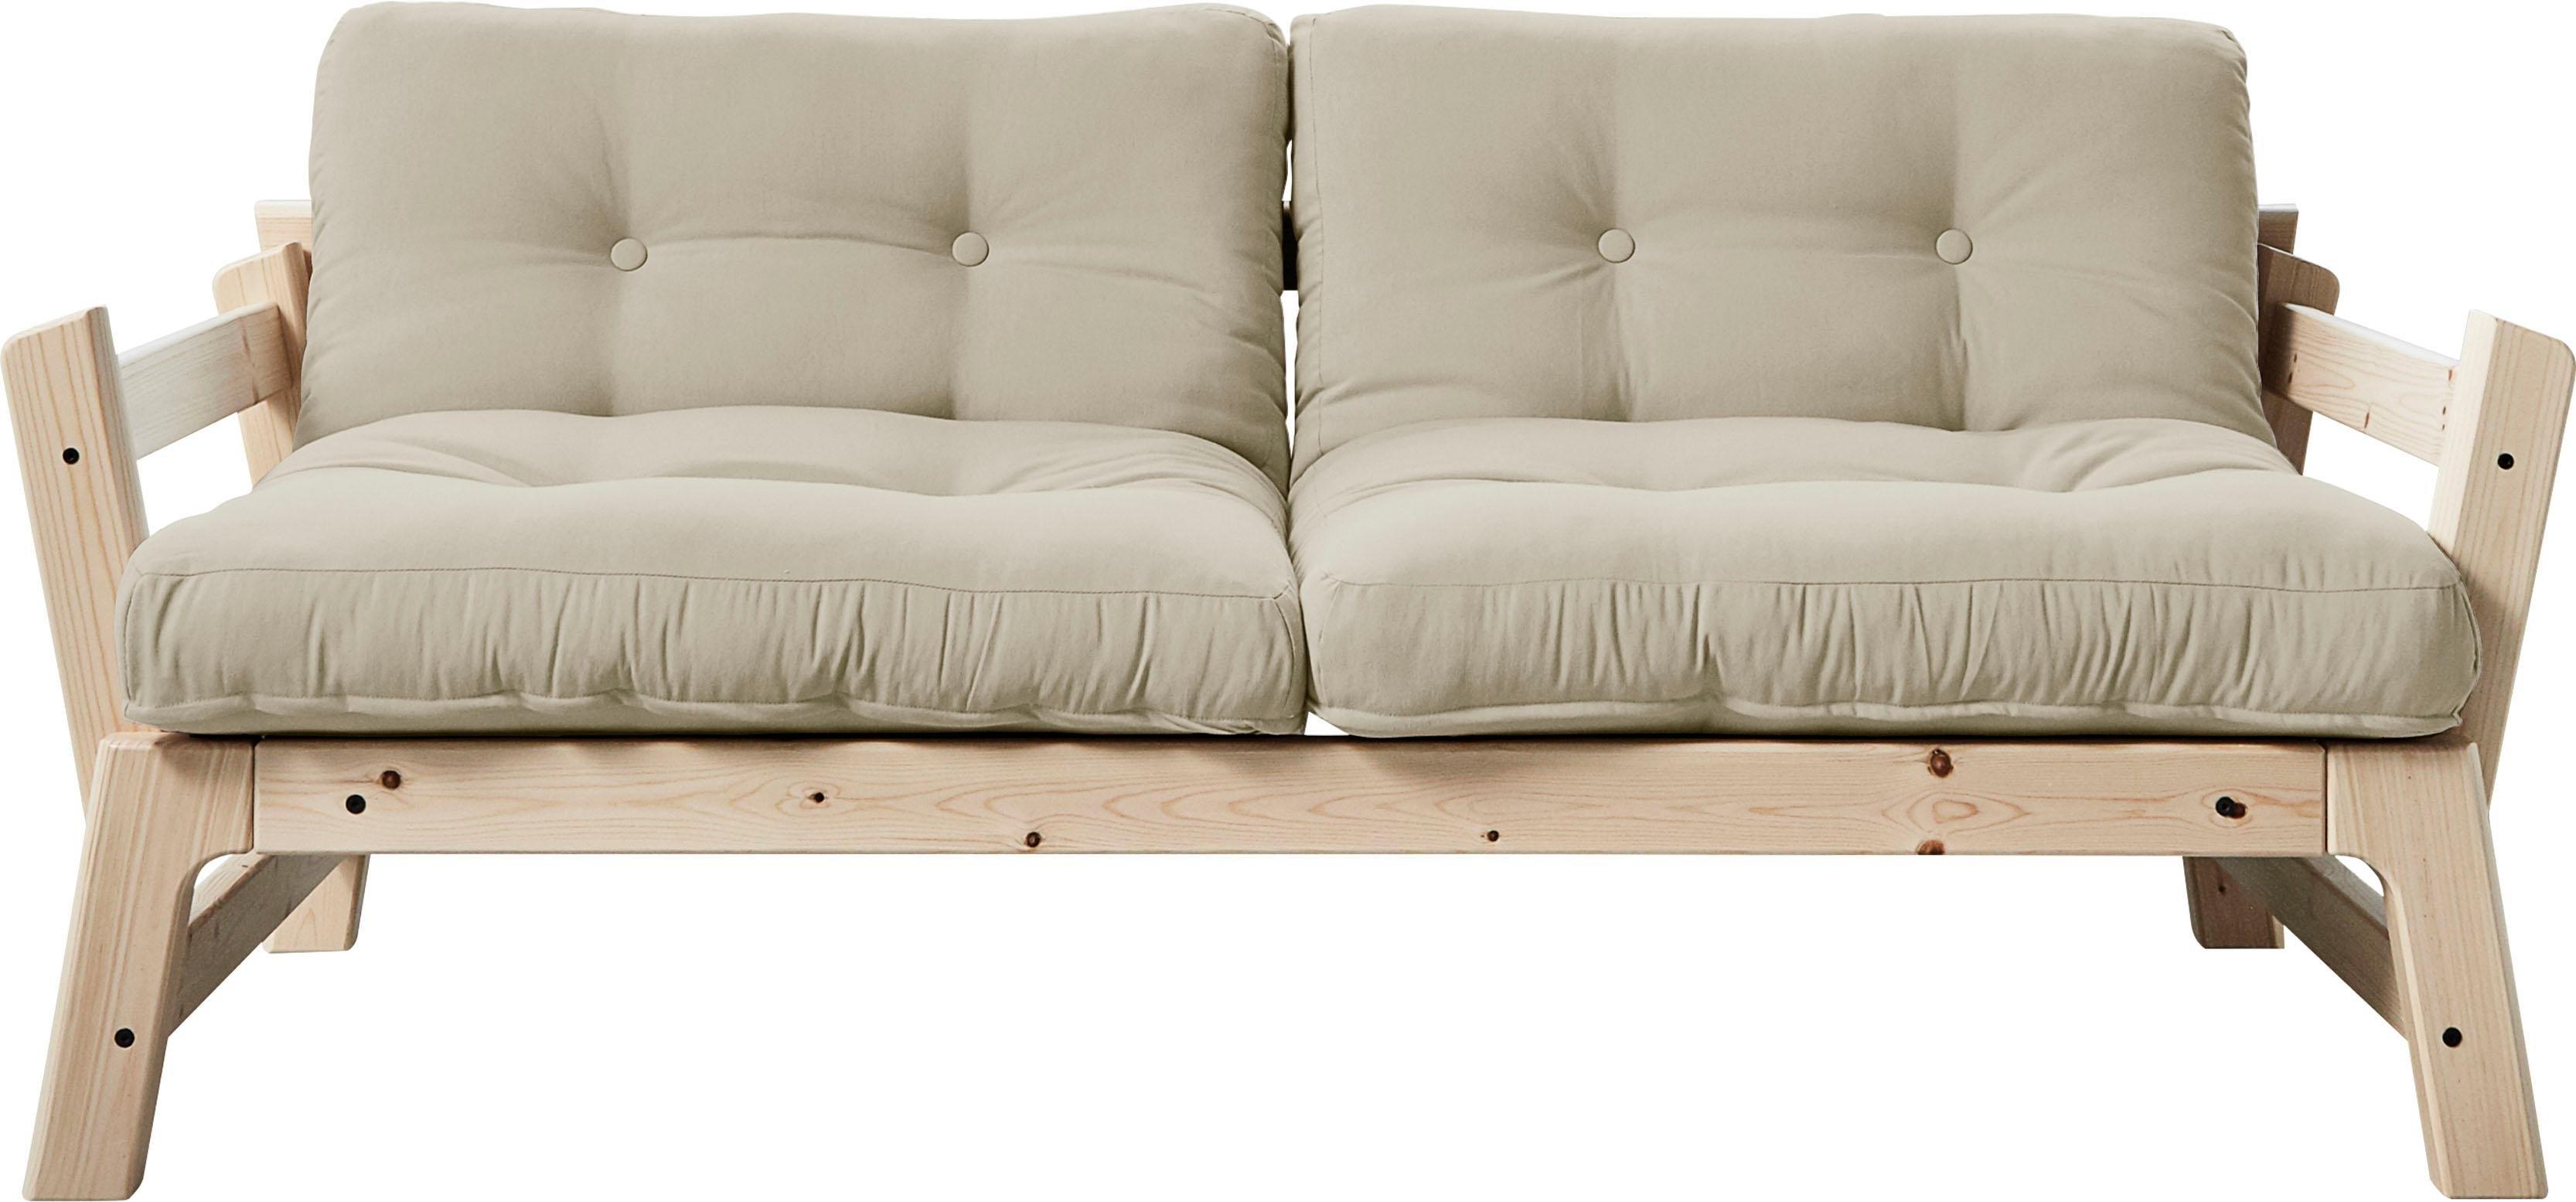 Karup bedbank Step inclusief futonmatrassen, overtrekstof 1 veilig op otto.nl kopen